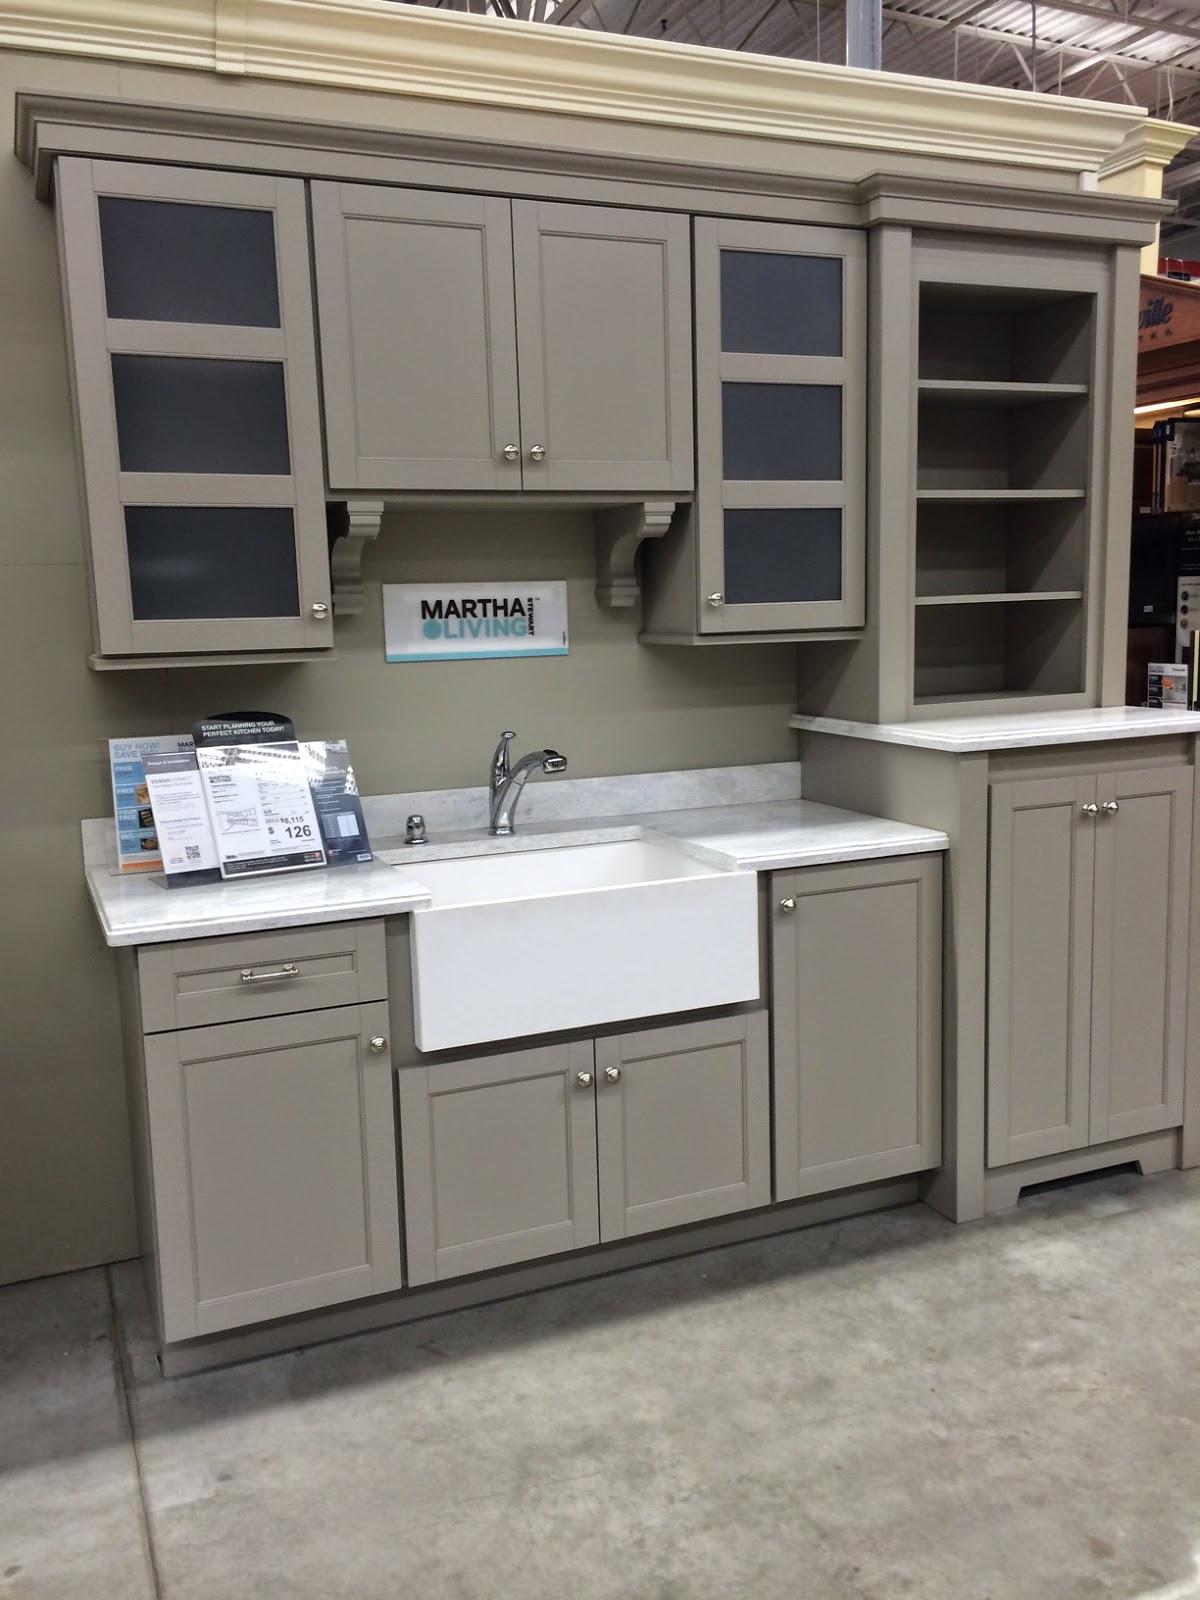 Martha Stewart Kitchen Design Ideas ▻ kitchen cabinet : fantastic martha stewart kitchen cabinets